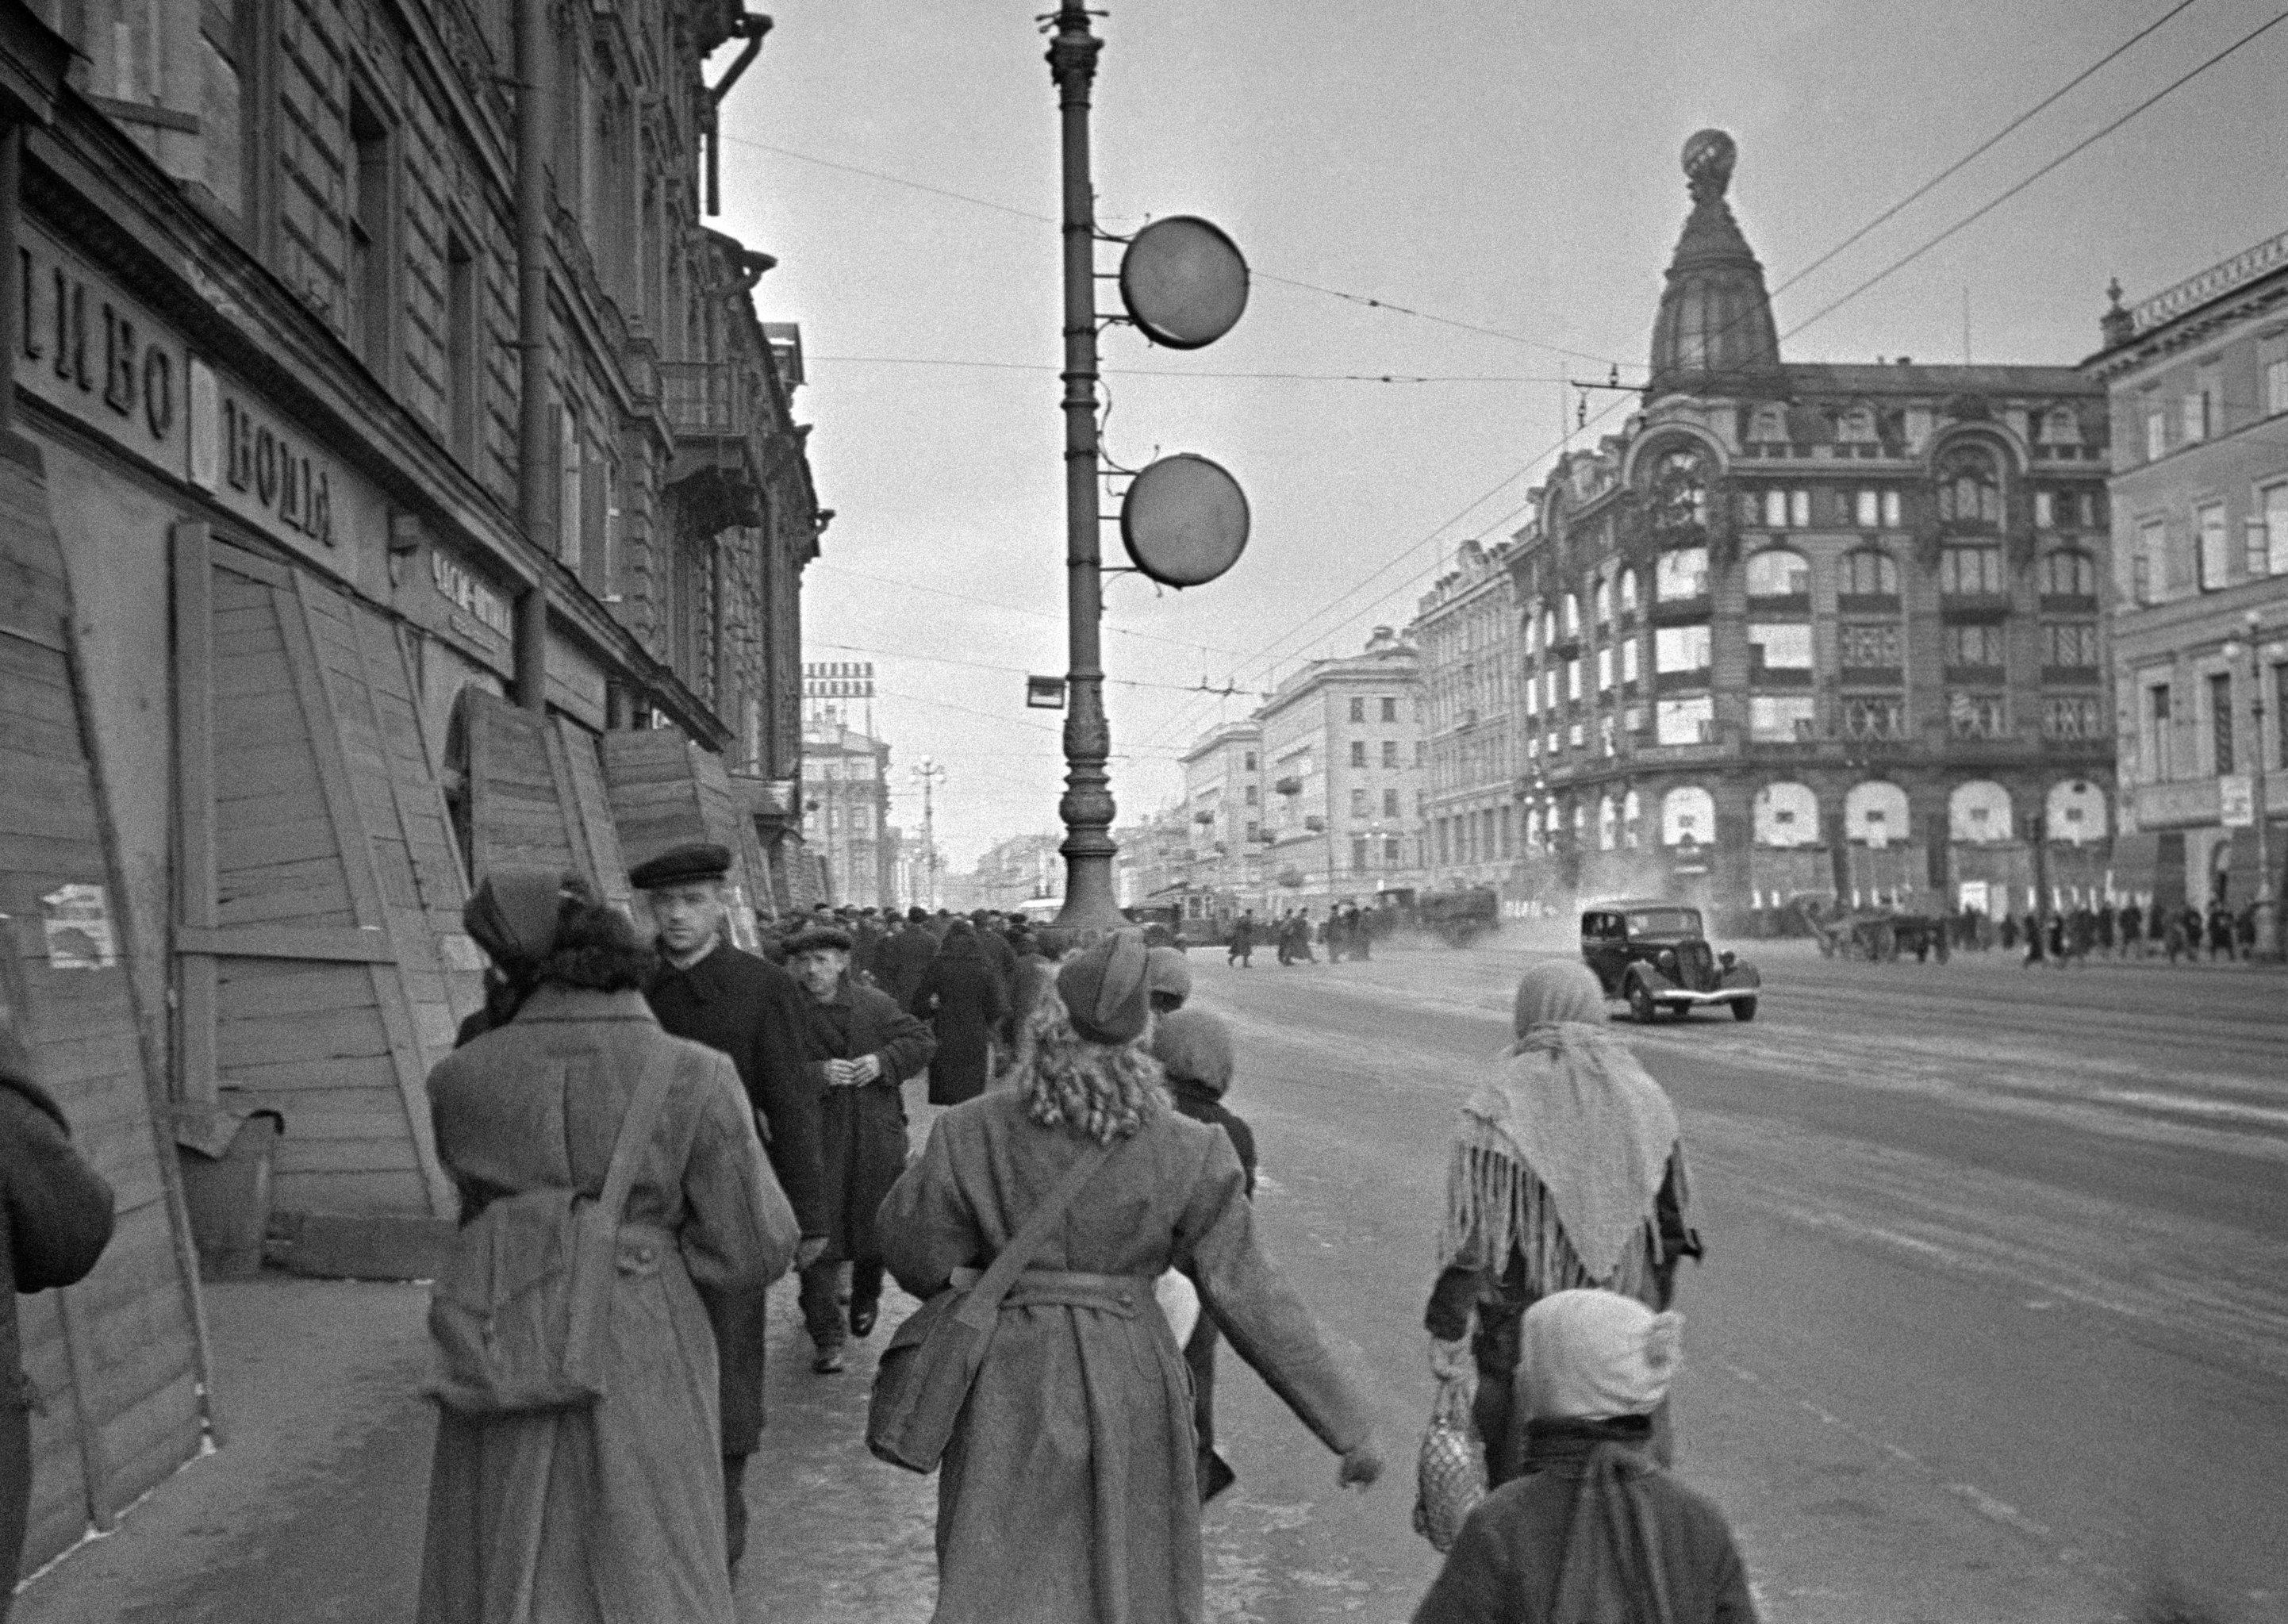 Más de 1,5 millones de personas fueron evacuadas de Leningrado, casi la mitad de toda la población